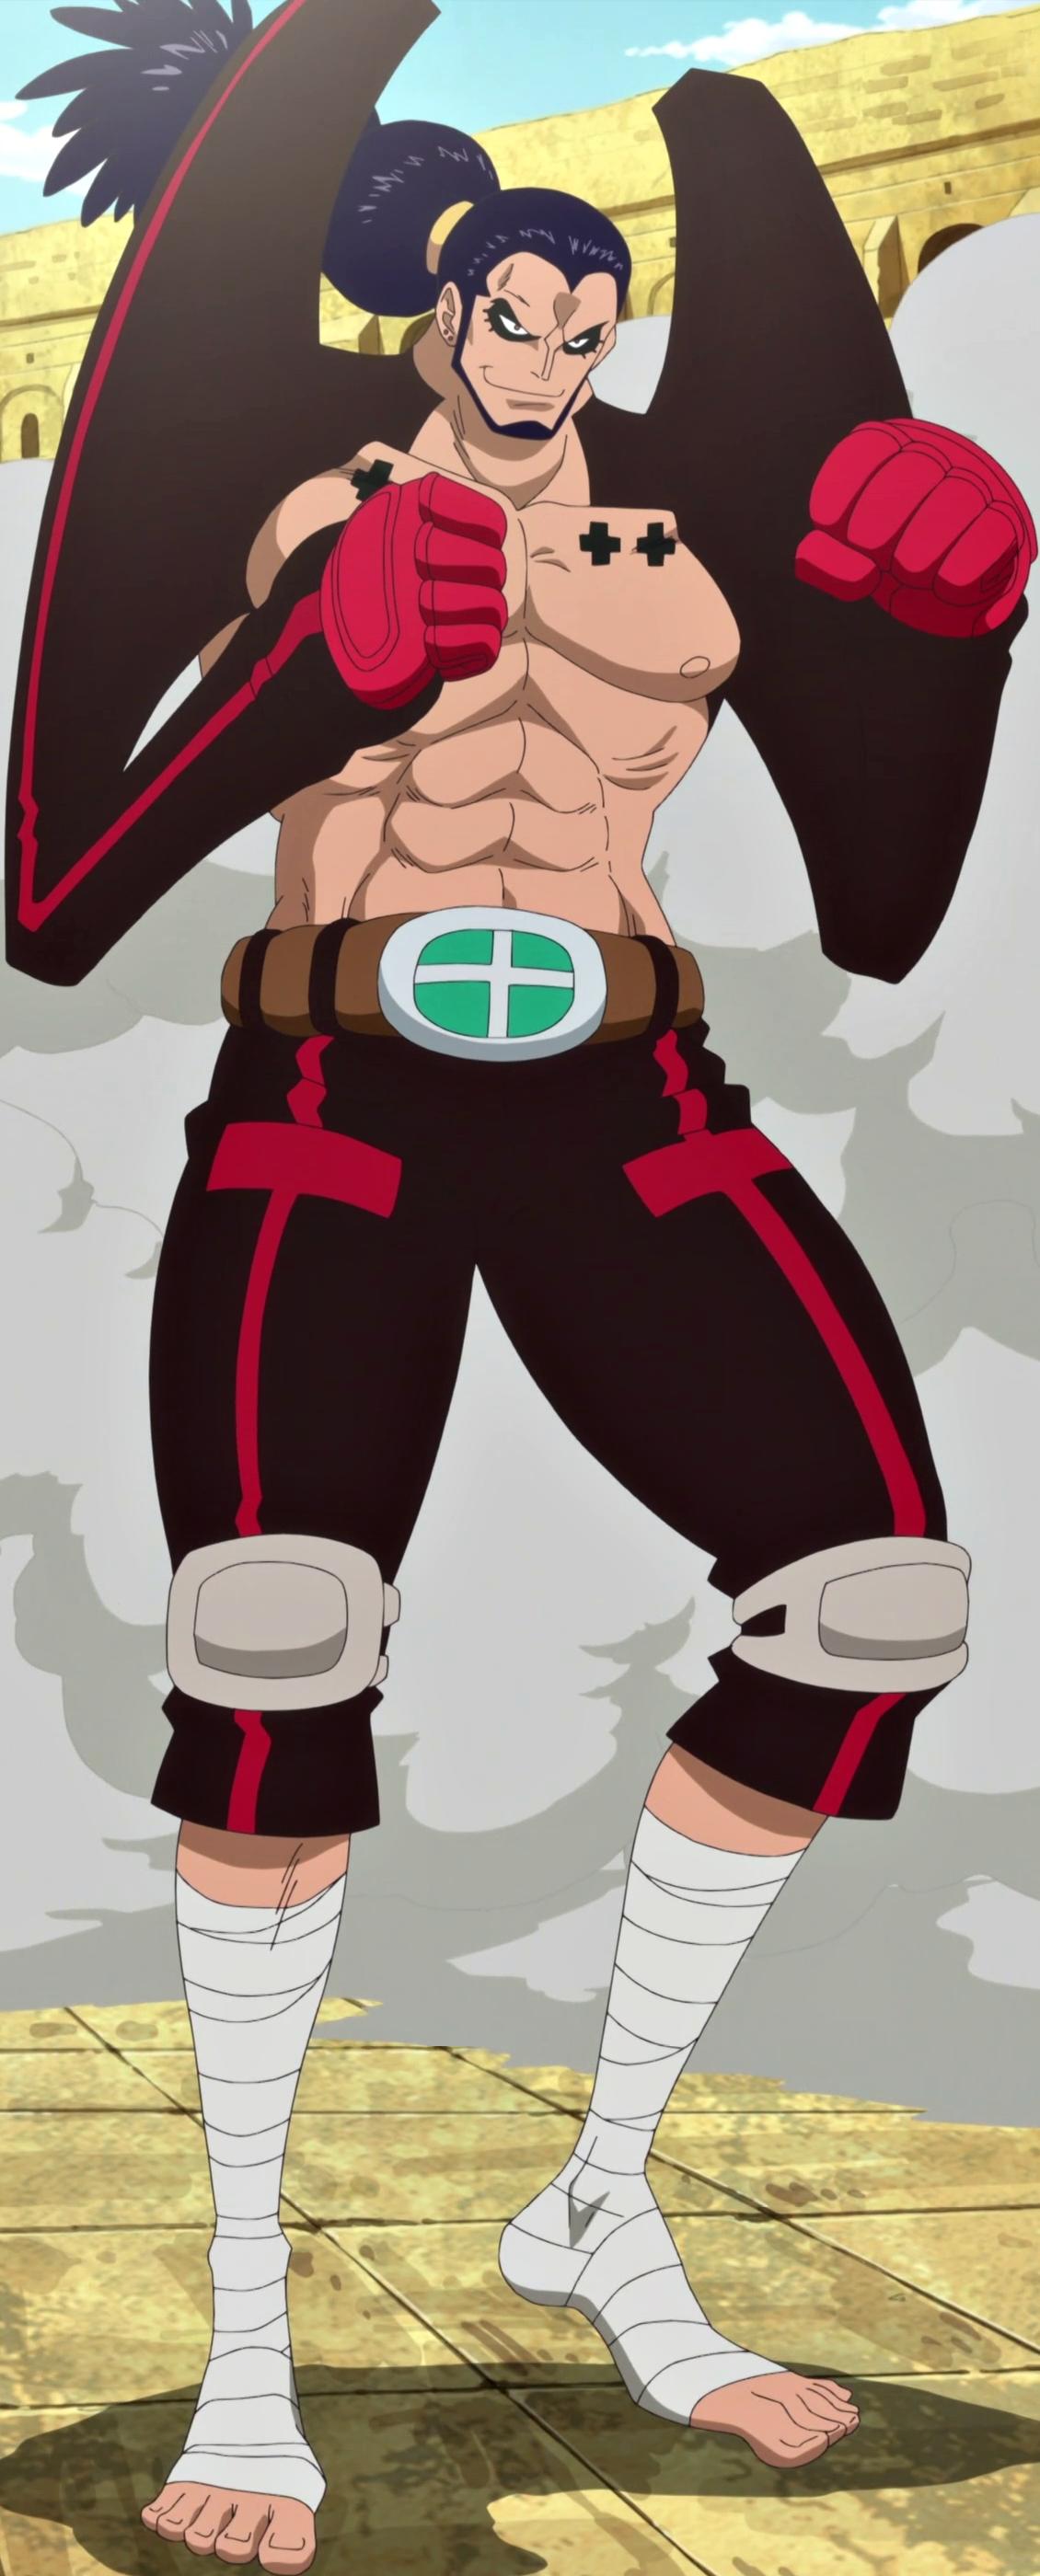 Denjiro | One Piece Wiki | Fandom